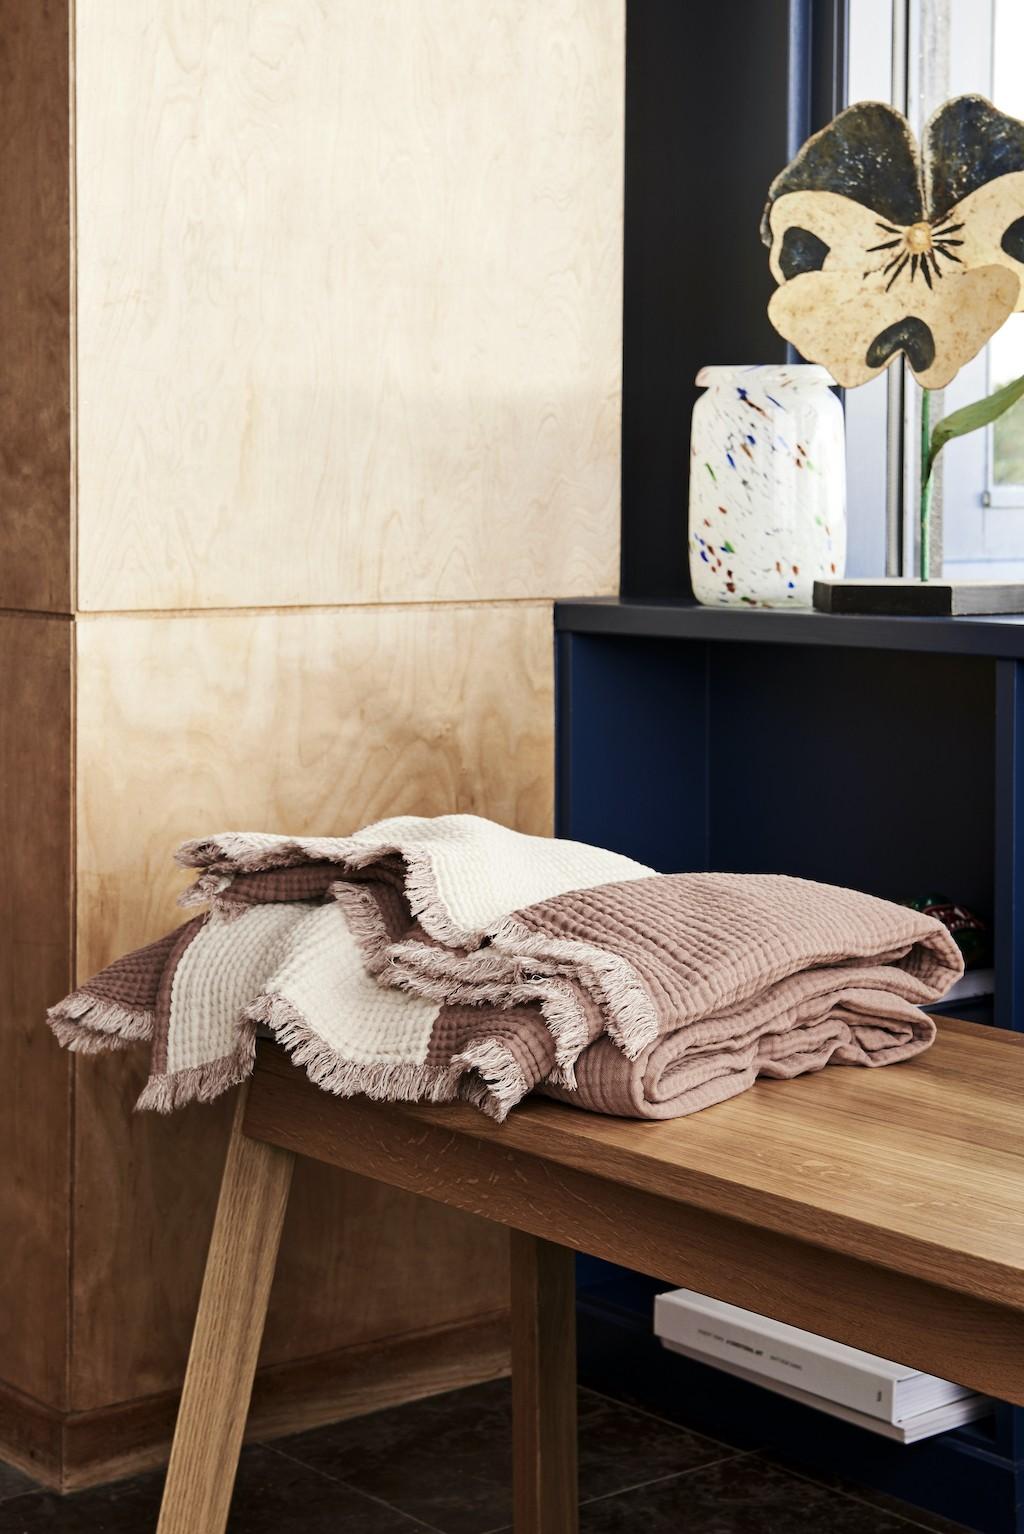 Stauraum im Badezimmer: Sitzbank im Badezimmer als Ablagefläche